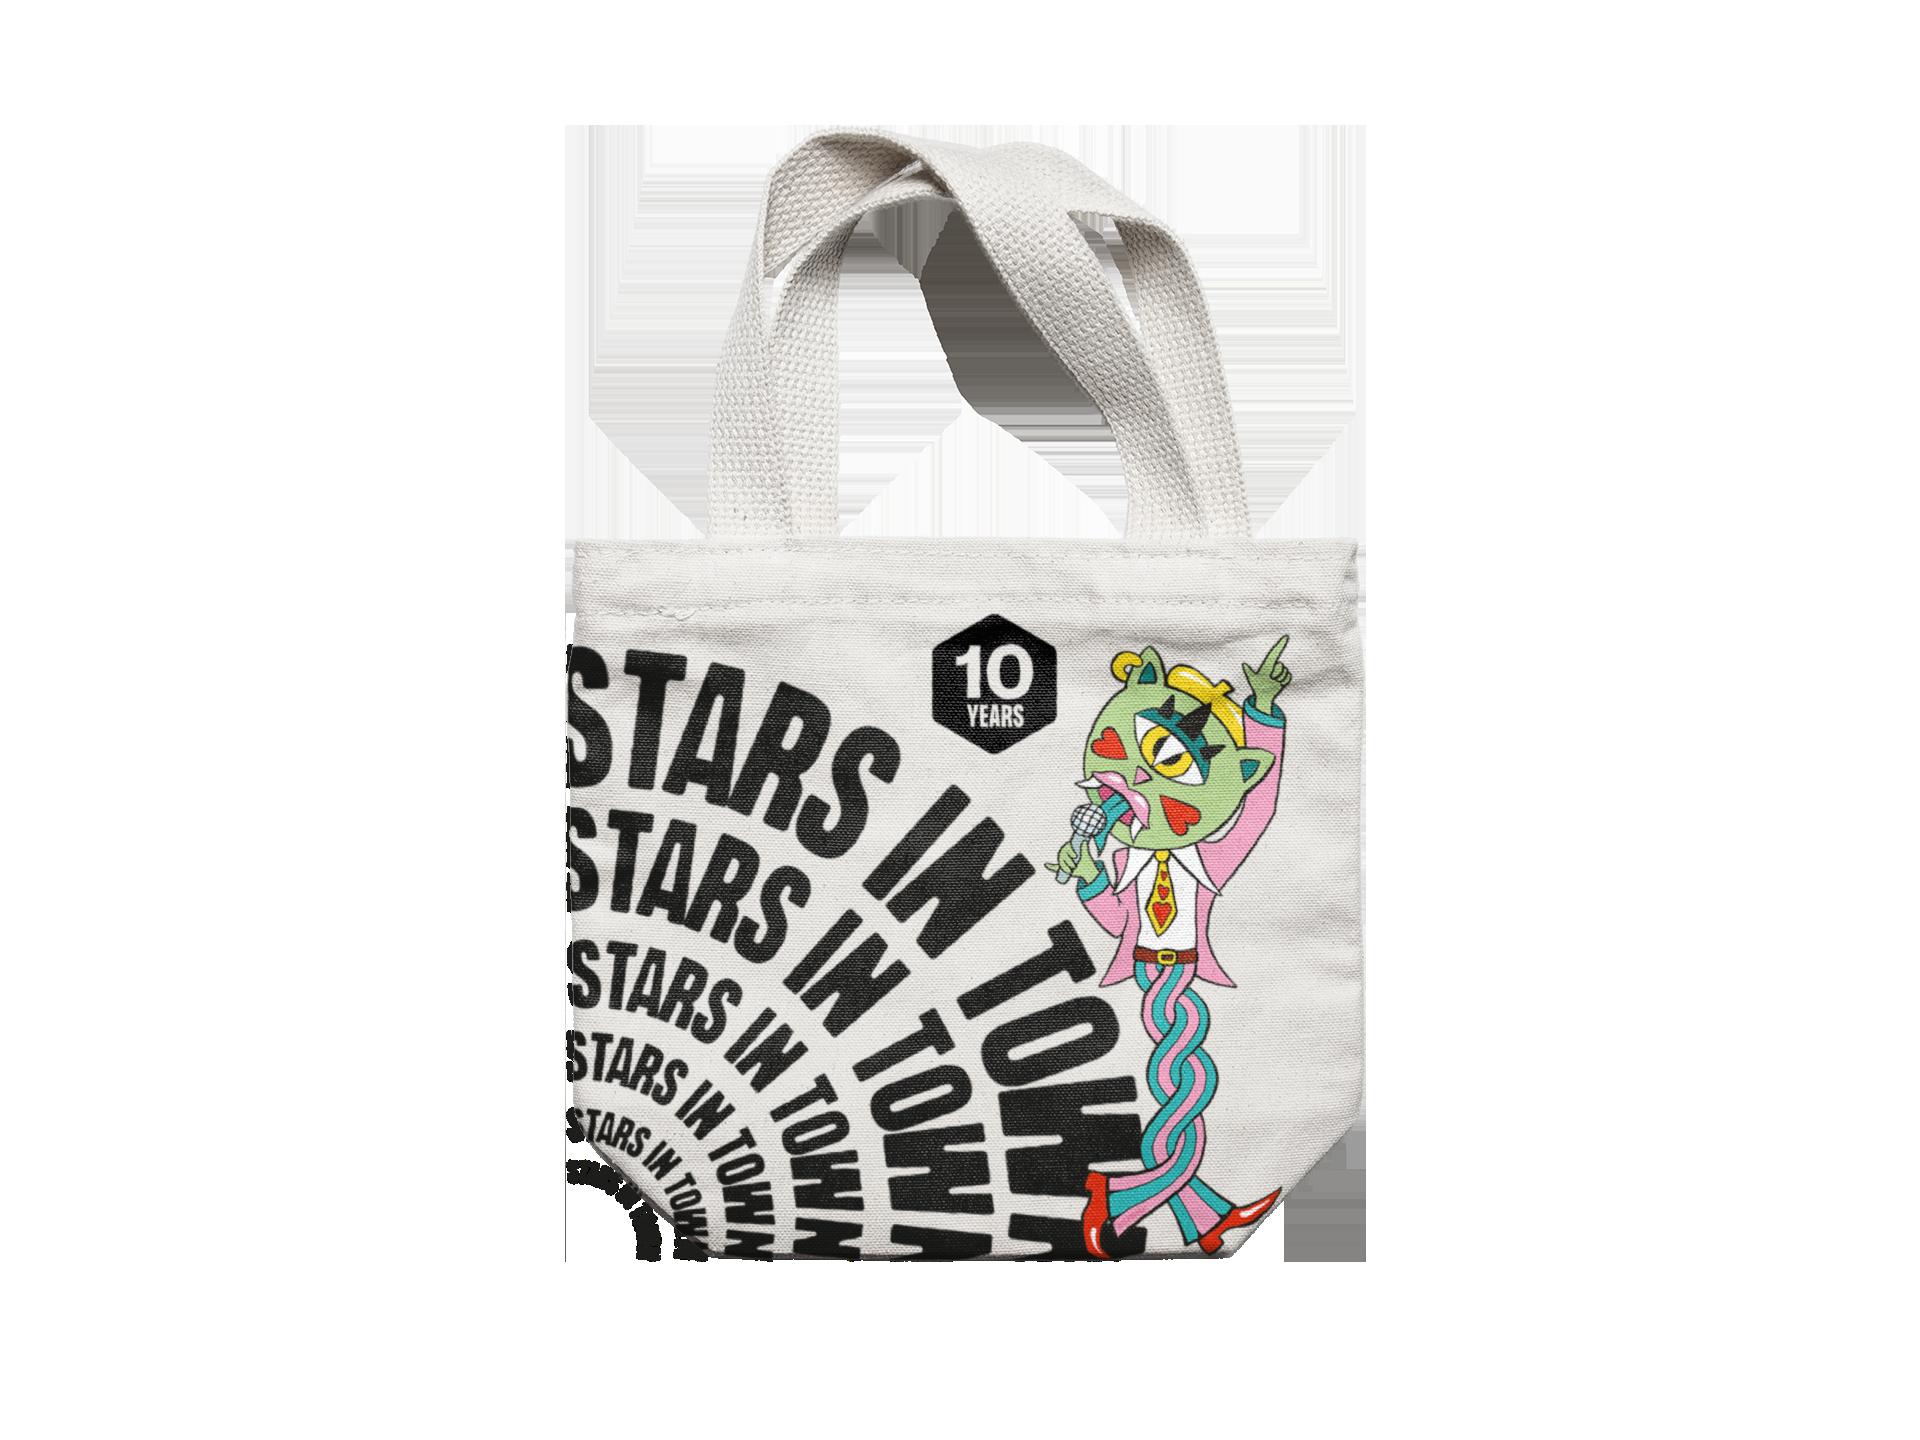 stars in town, fabric design, print, grafik, schaffhausen